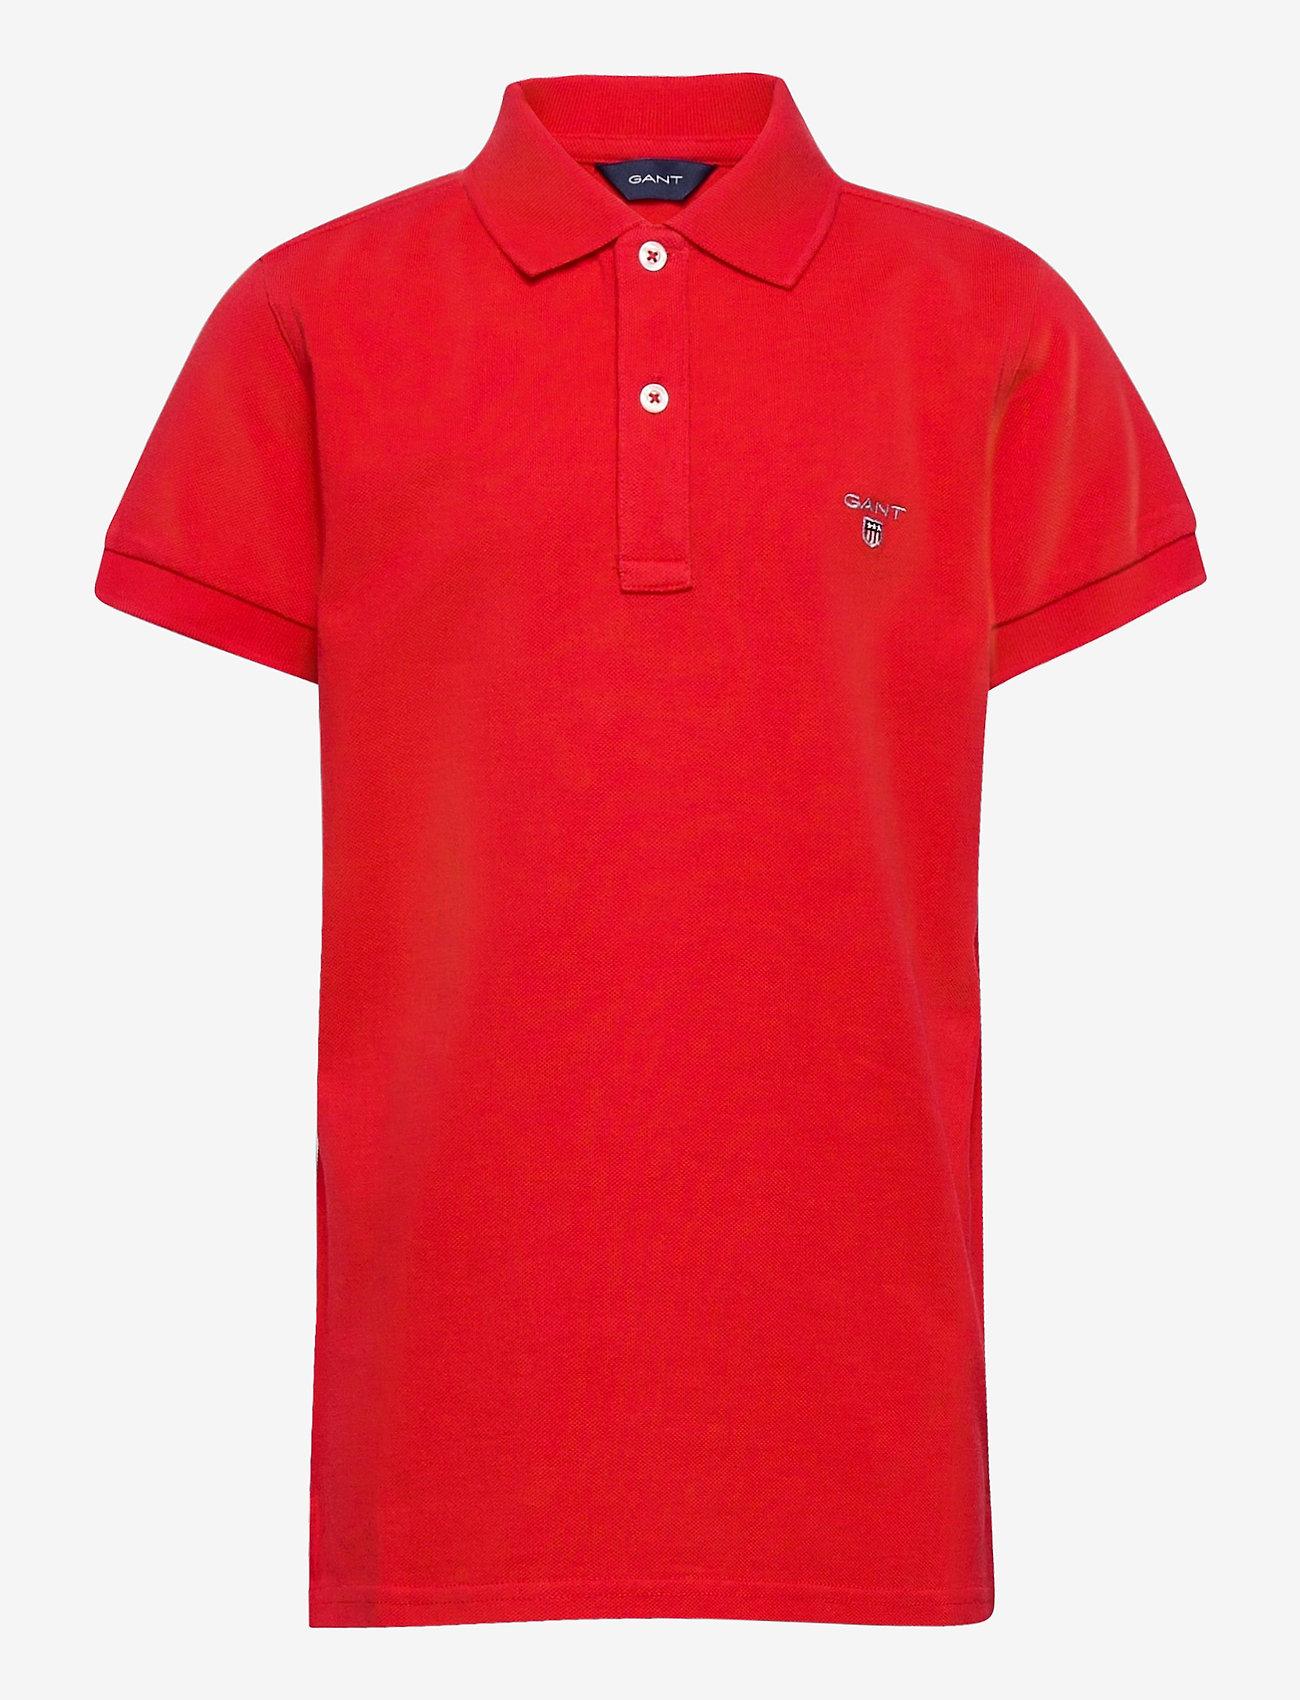 GANT - THE ORIGINAL SS PIQUE - polo shirts - bright red - 0